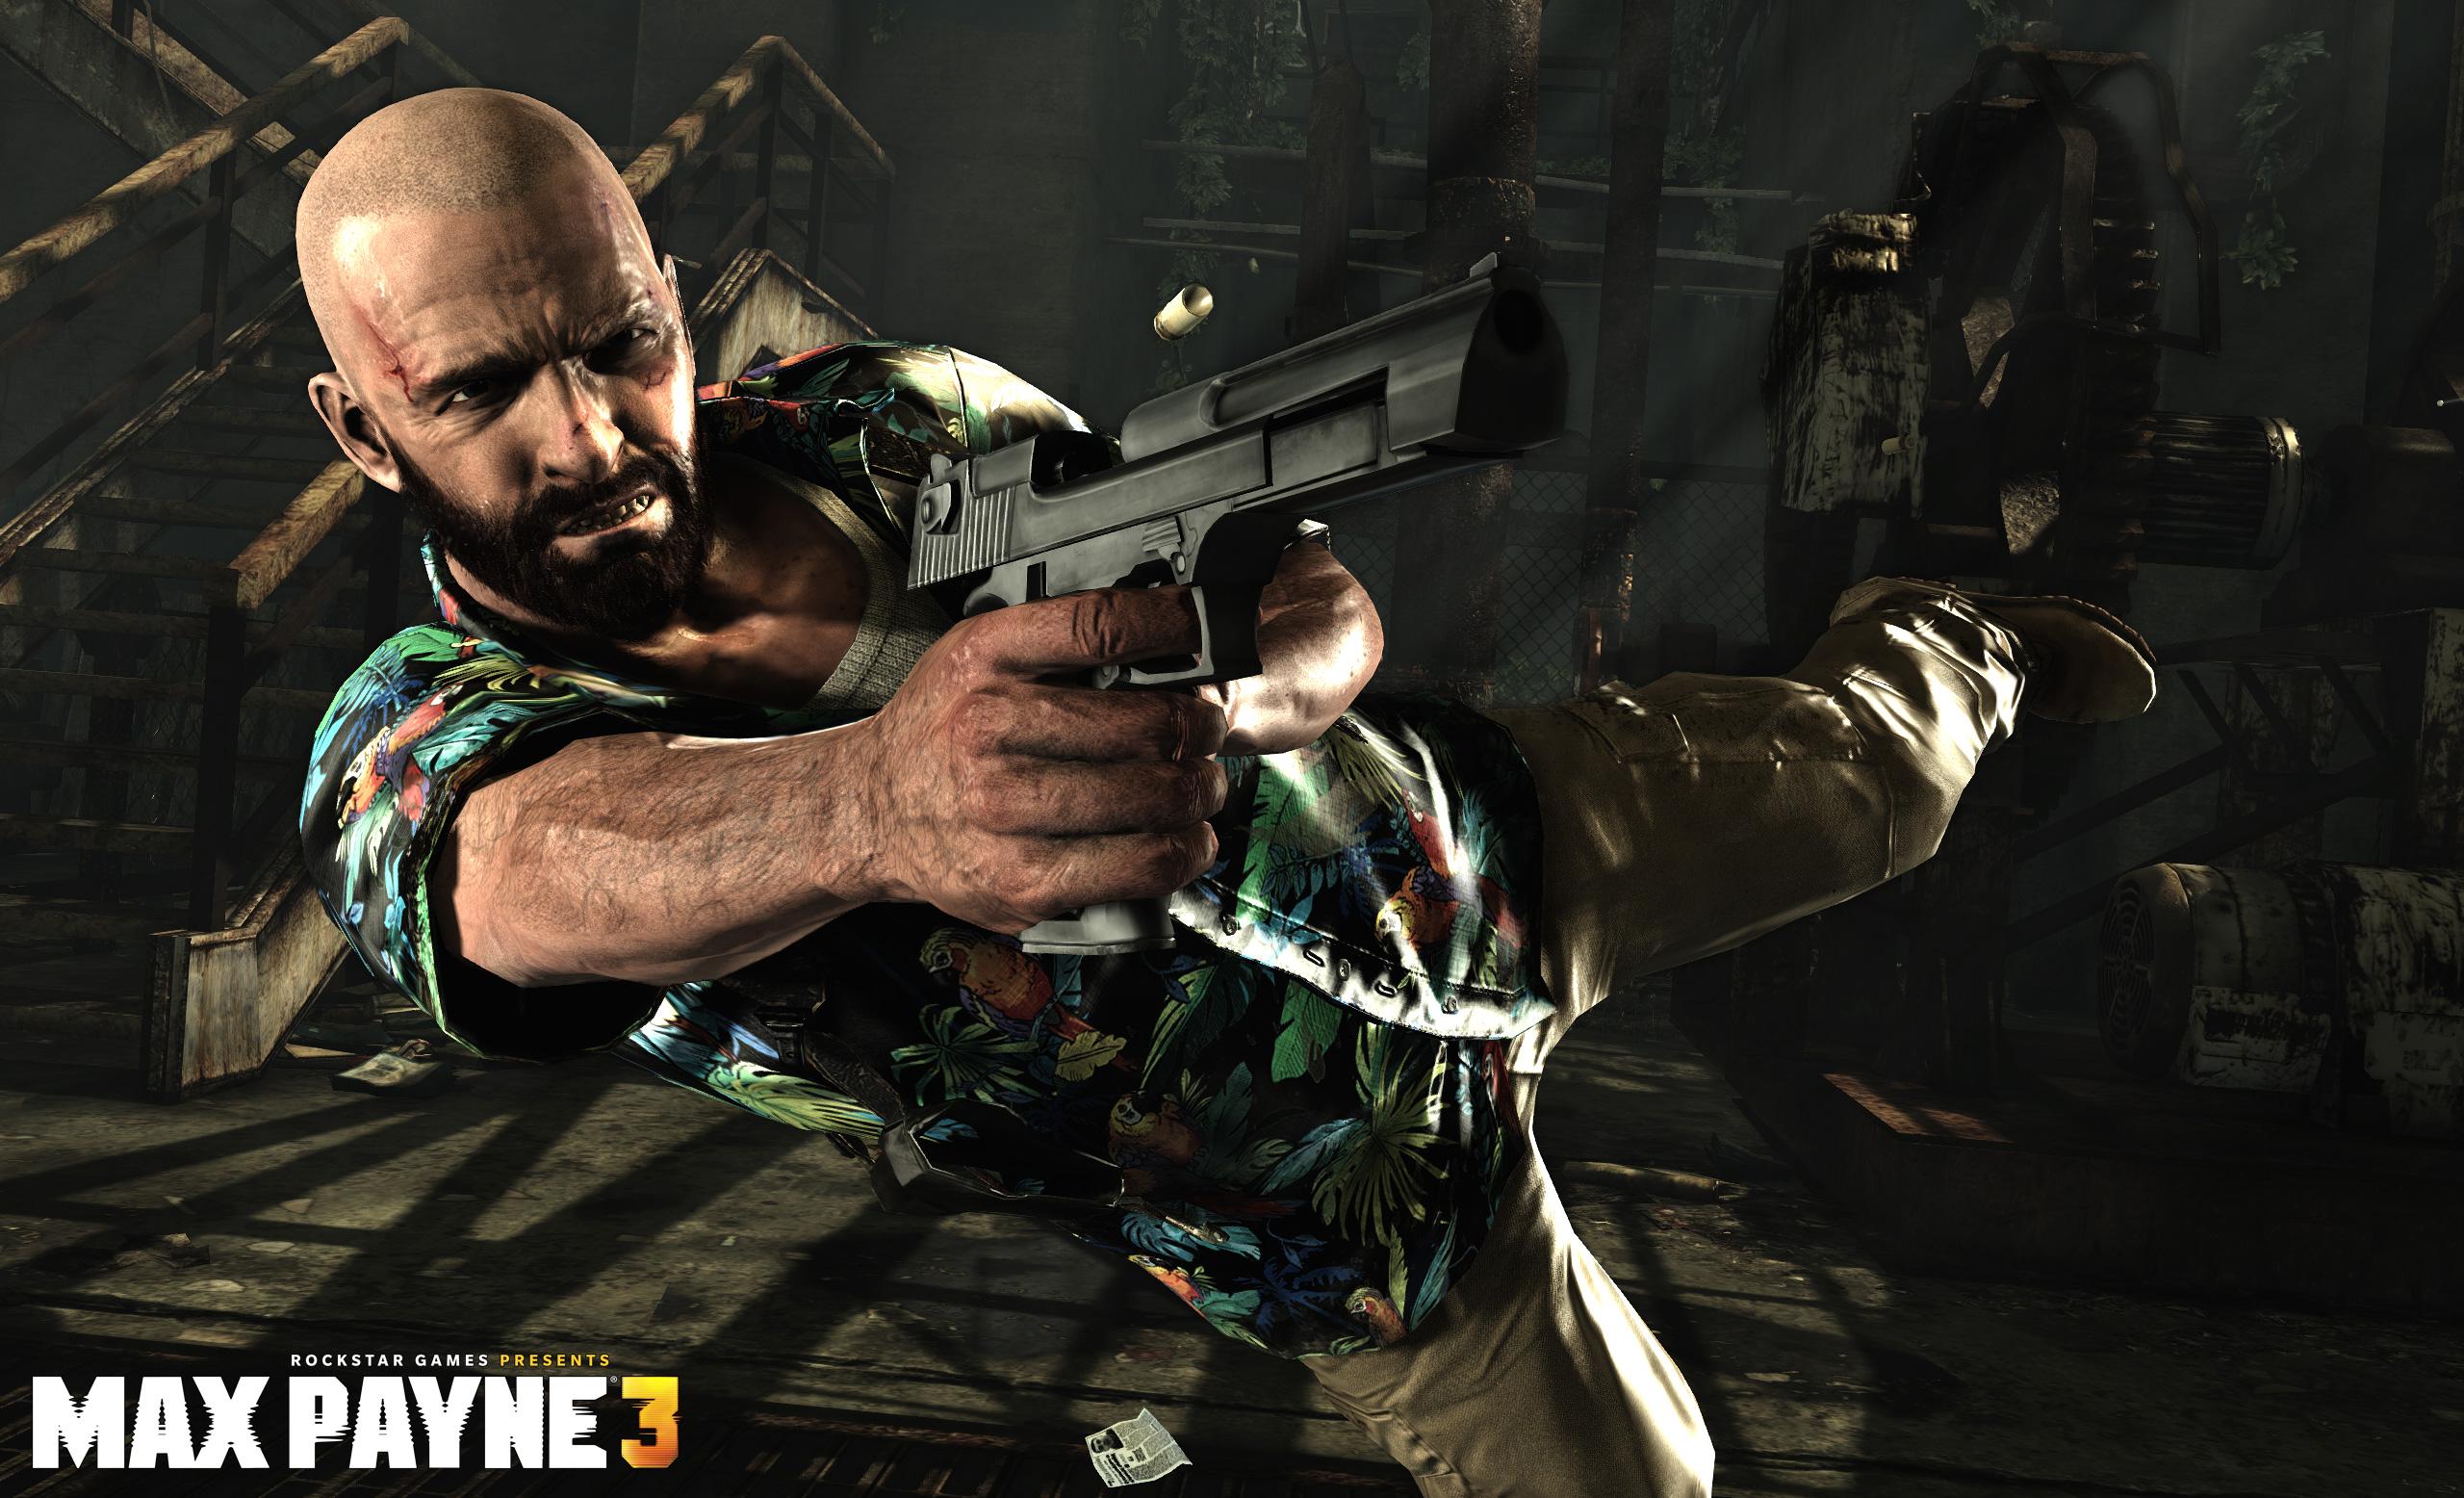 Trailer de lanzamiento de Max Payne 3 [Vídeo]